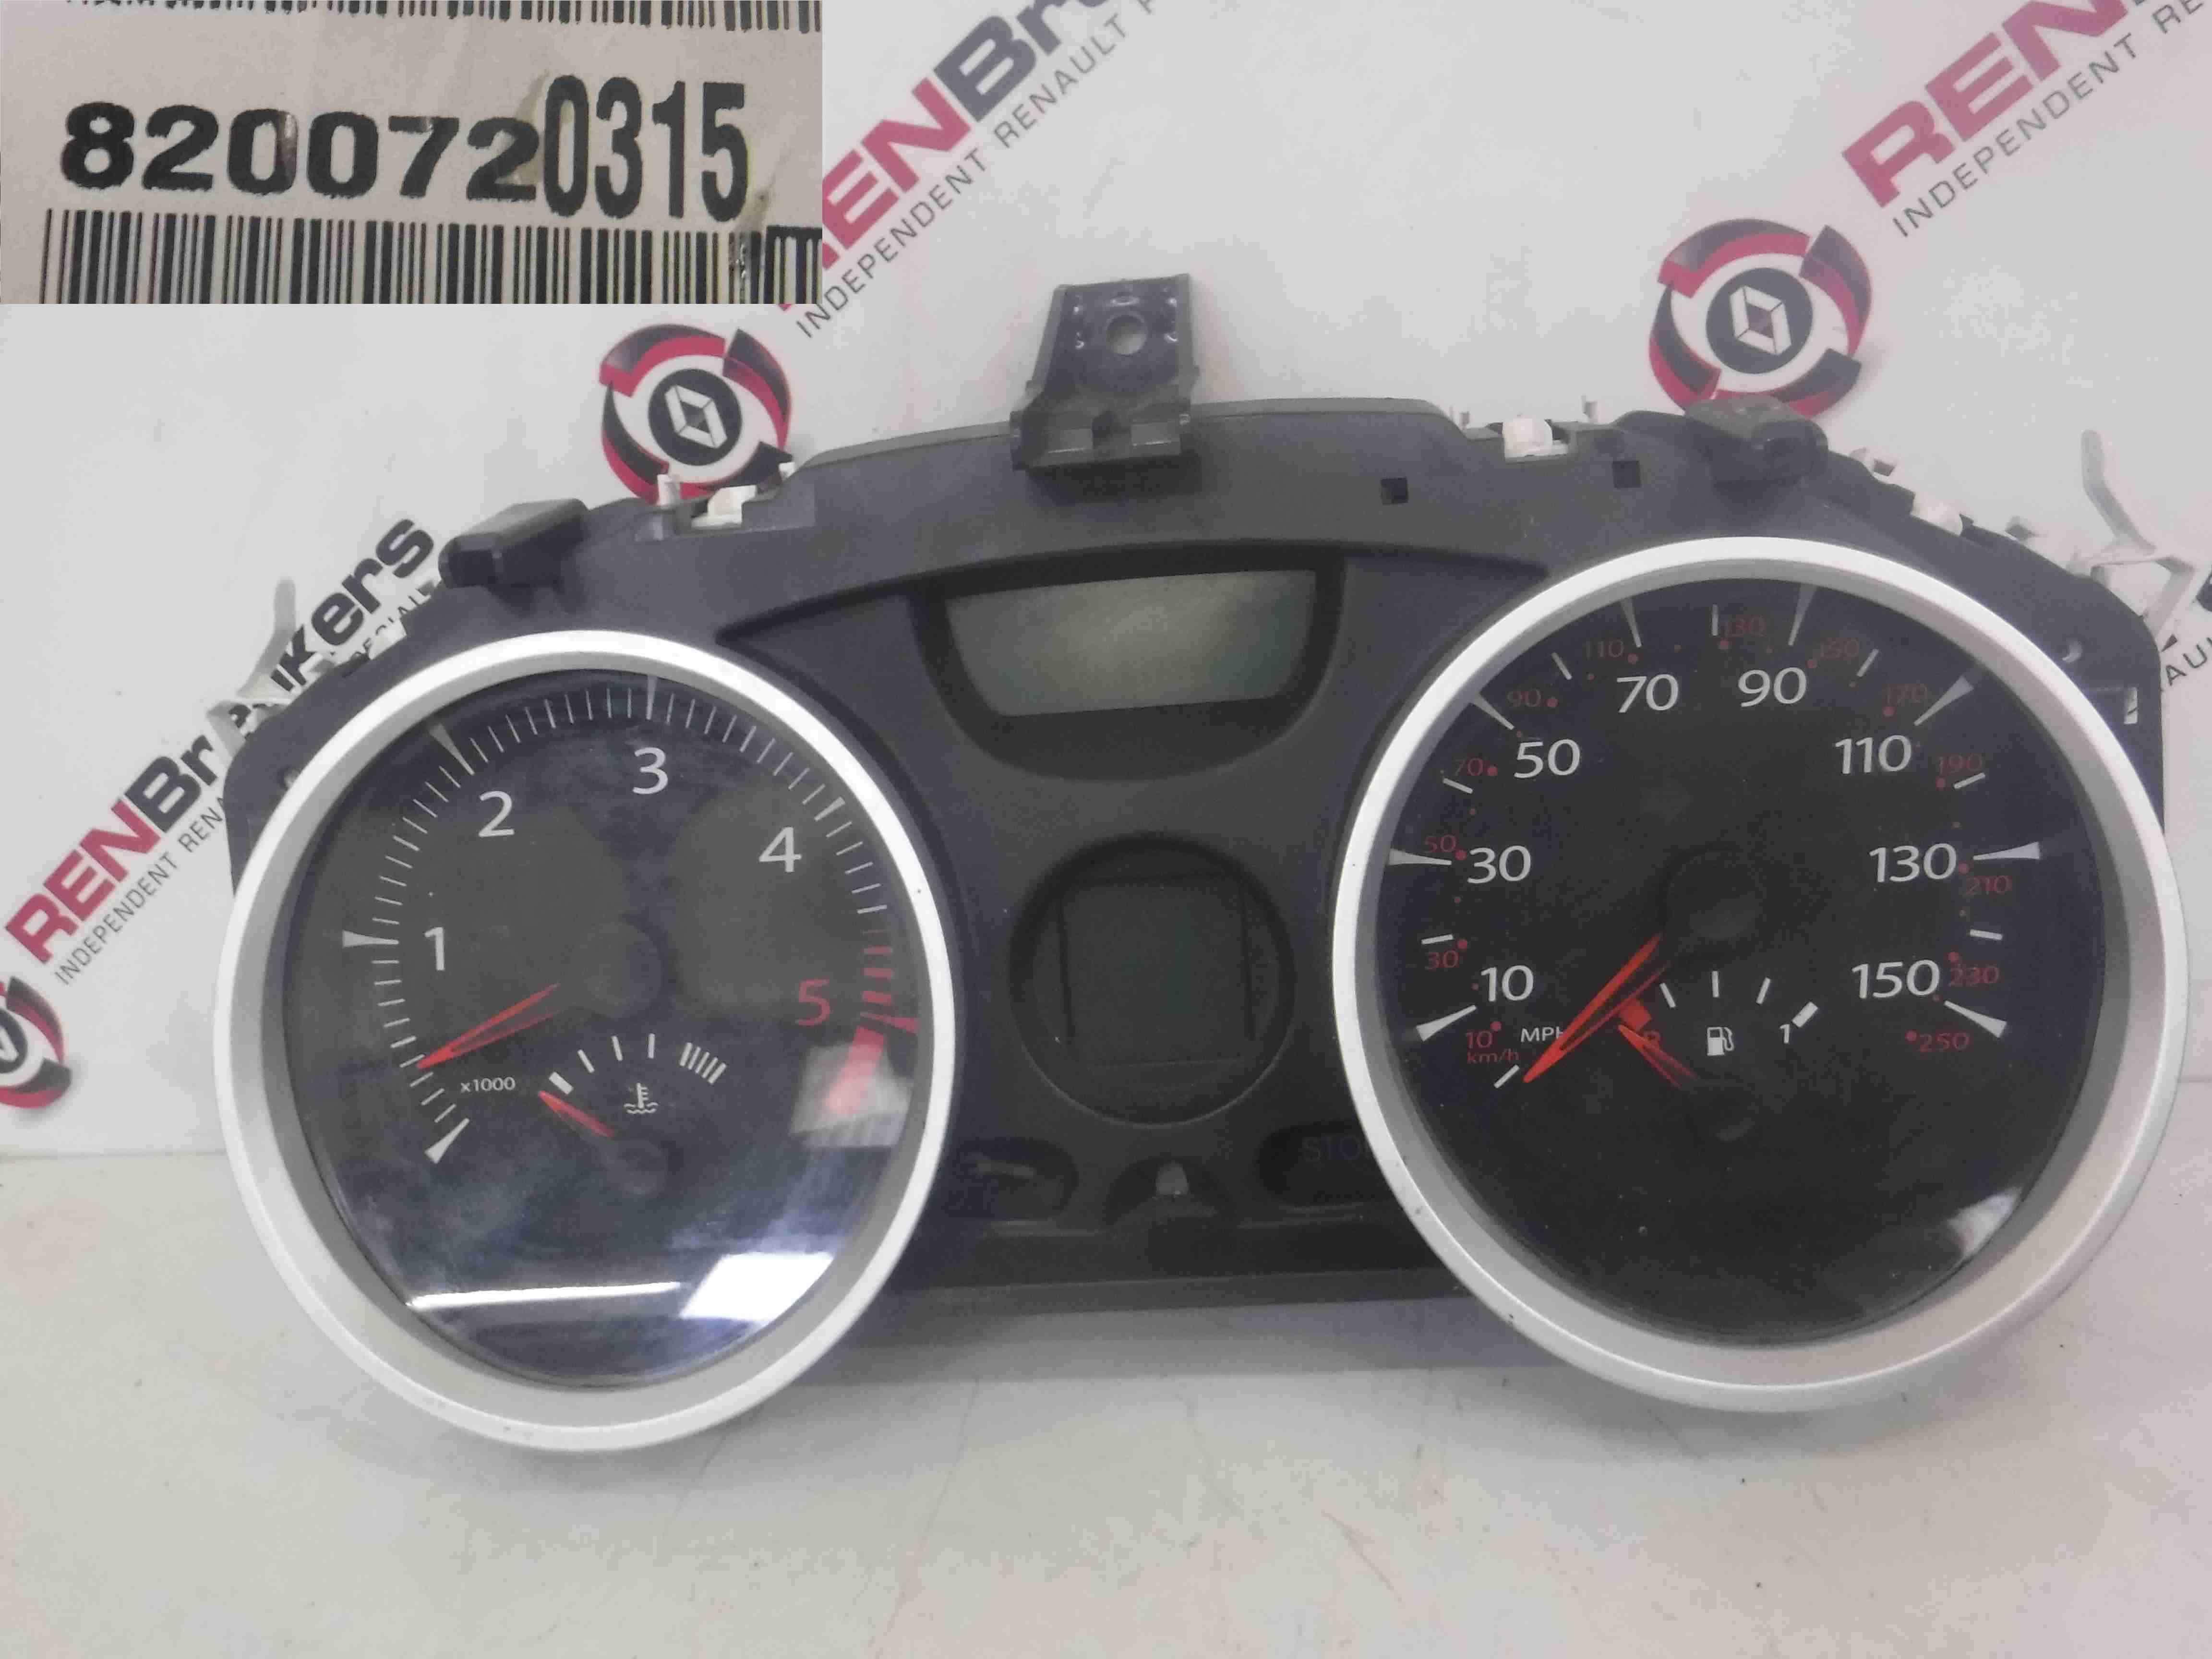 Renault Megane 2006-2008 Instrument Panel Dials Gauges Clocks 116K 8200720315